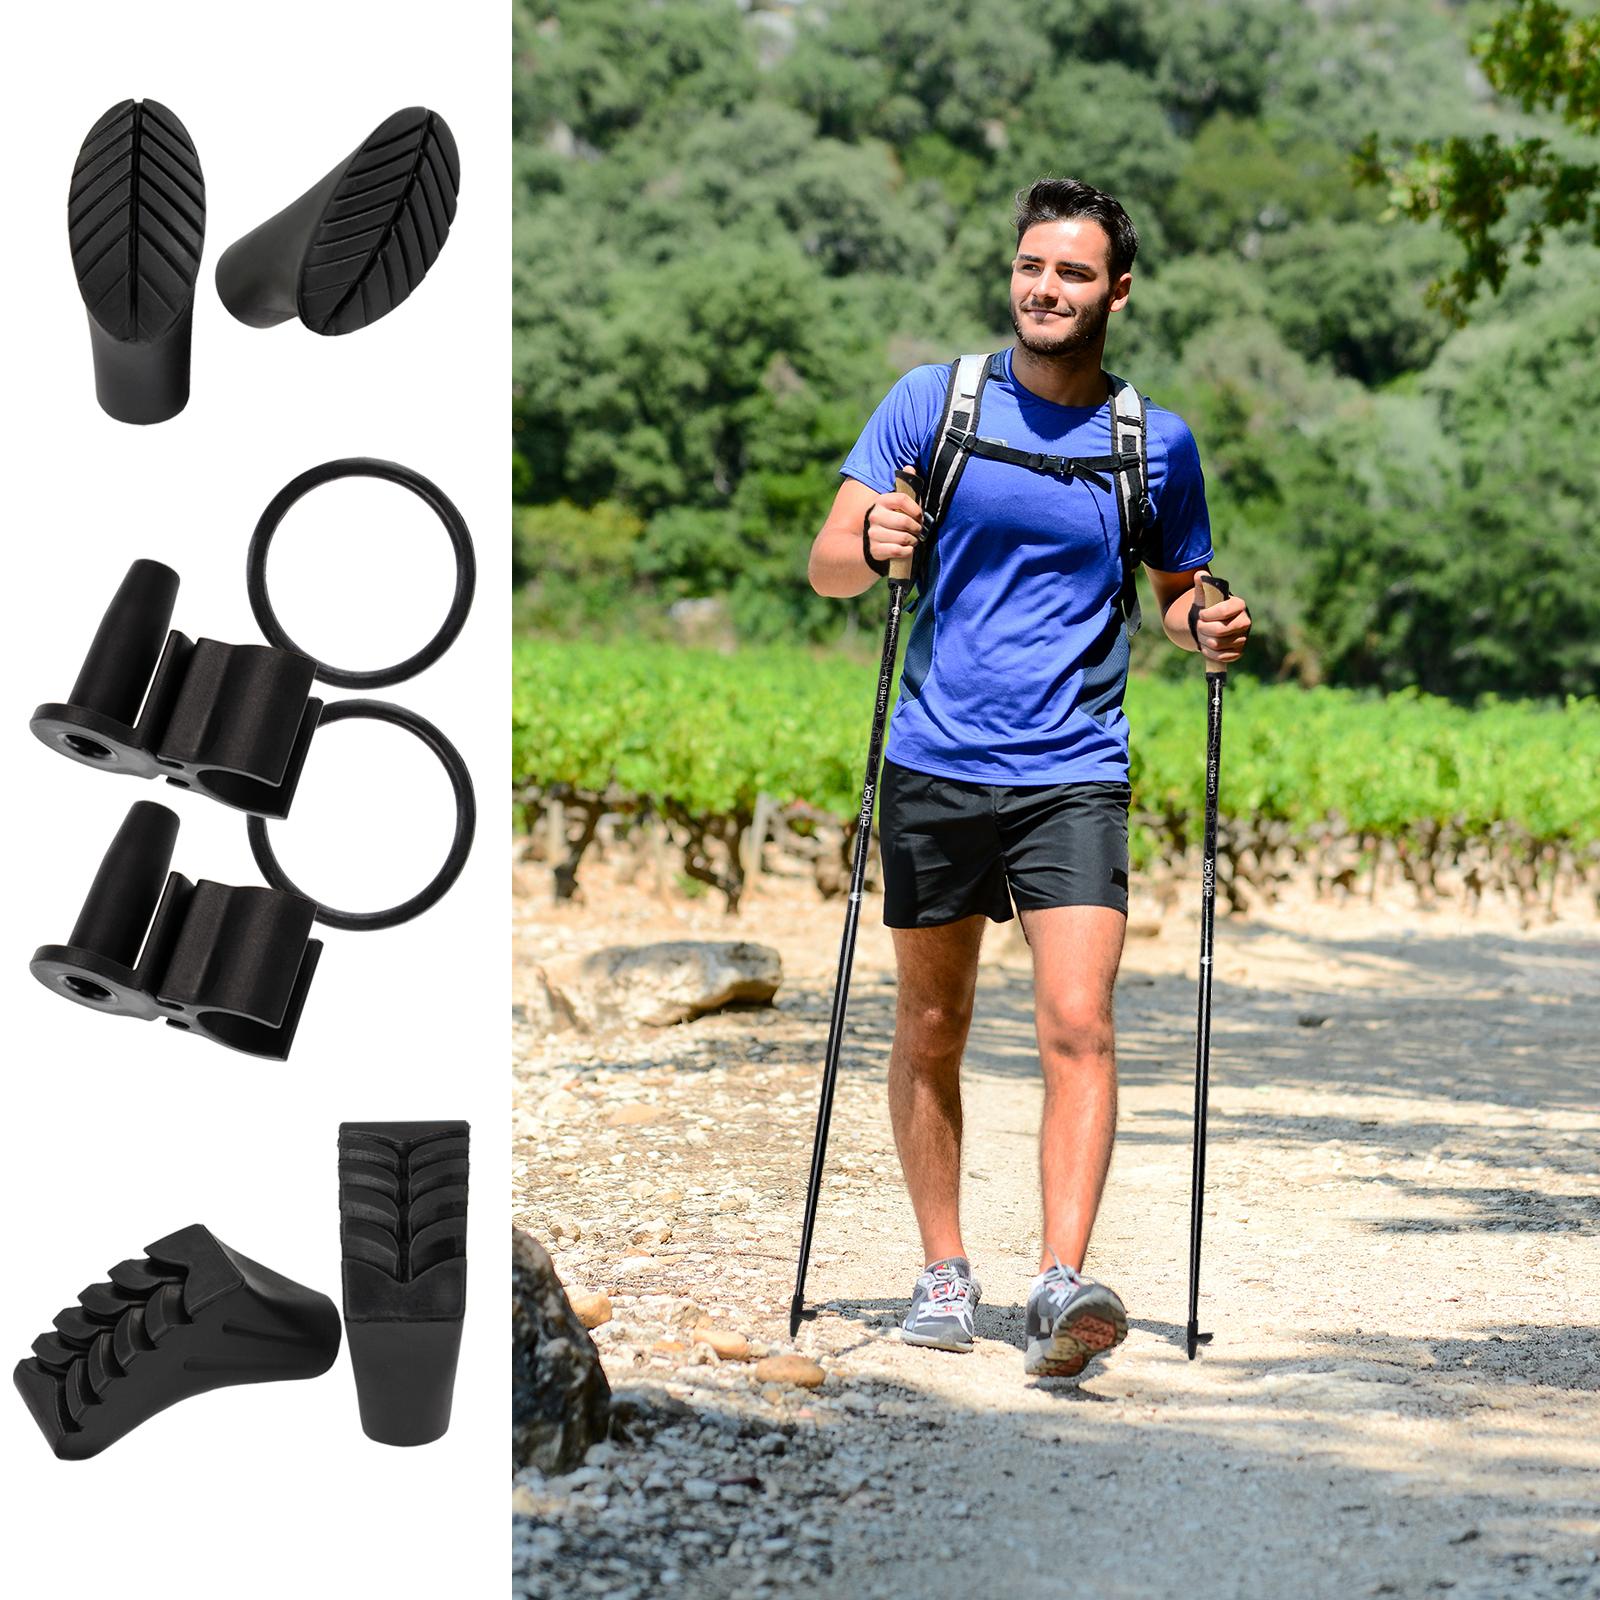 ALPIDEX Superleichter Carbon Nordic Walking Stock Stöcke für Damen und Herren